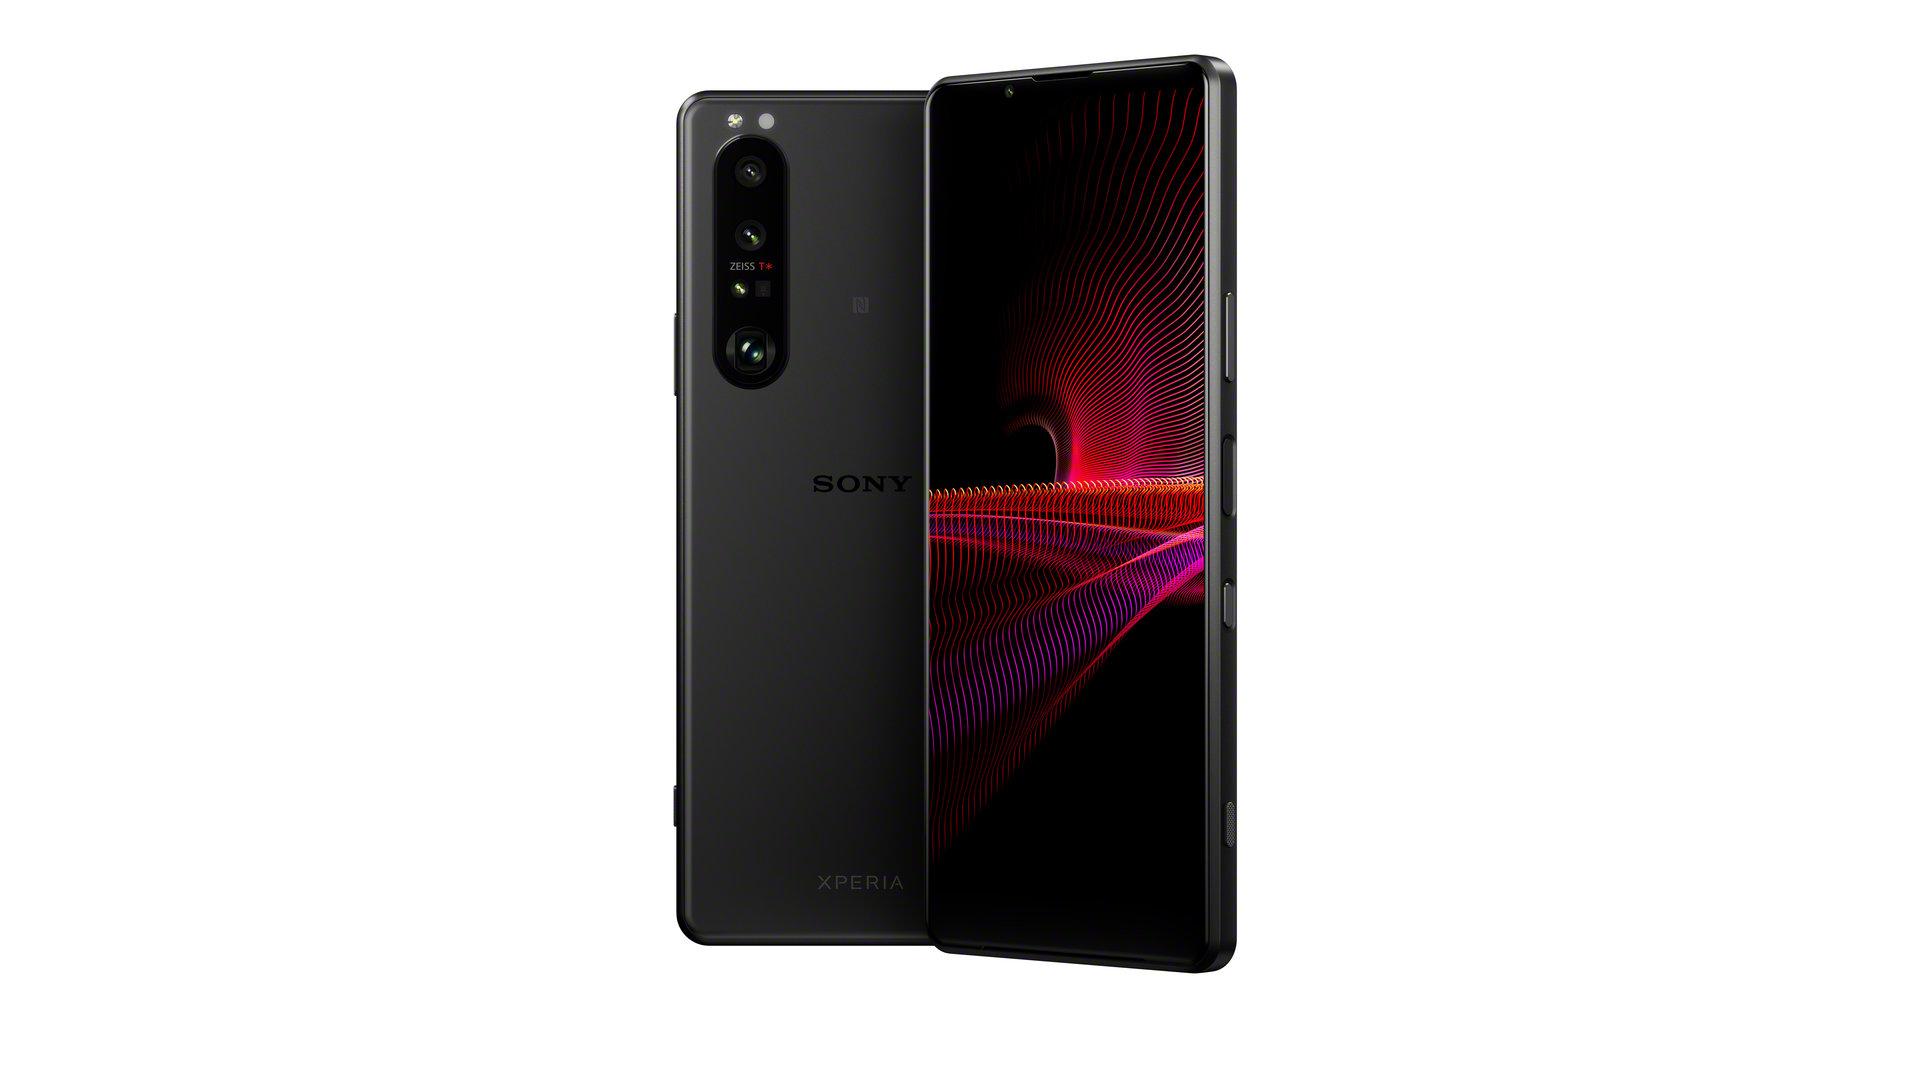 Nouveaux smartphones Sony Xperia, conférence Galaxy Unpacked annoncée et visuels de la Pixel Watch – Tech'spresso